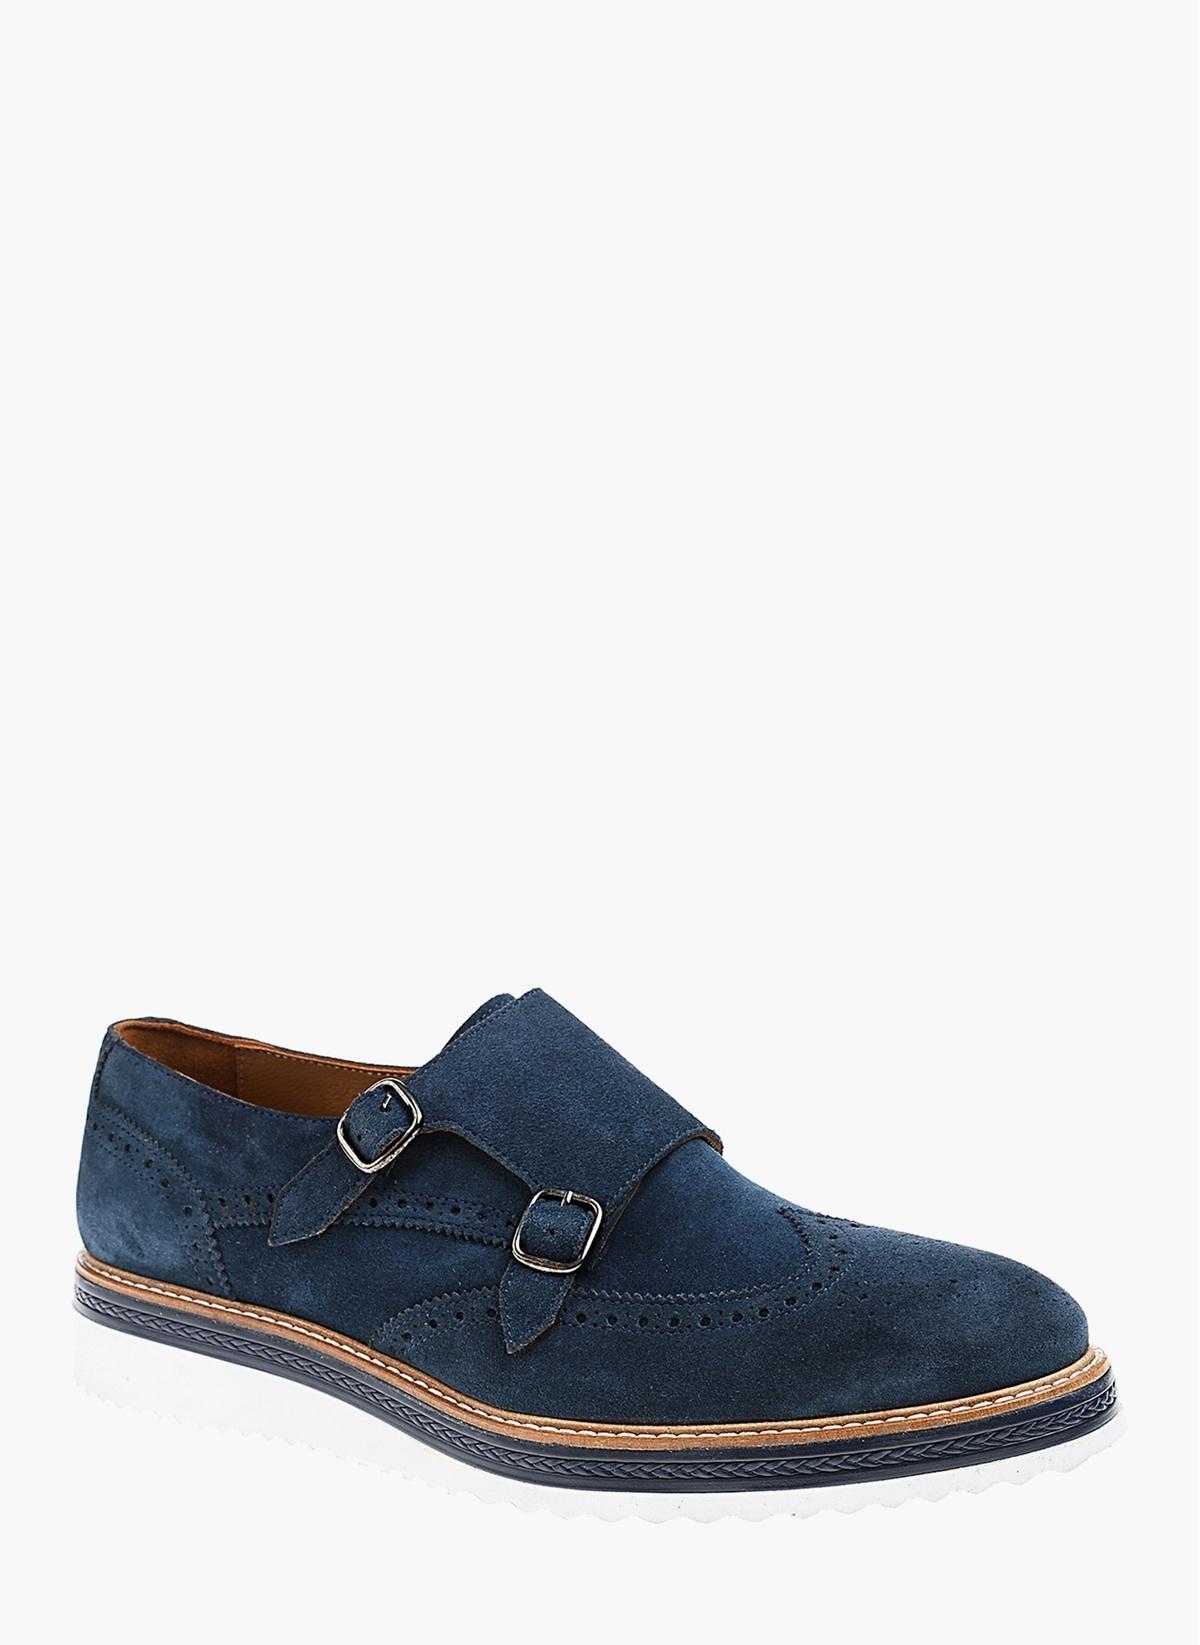 Divarese %100 Deri Çift Tokalı Ayakkabı 5021132 E Ayakkabı – 339.0 TL